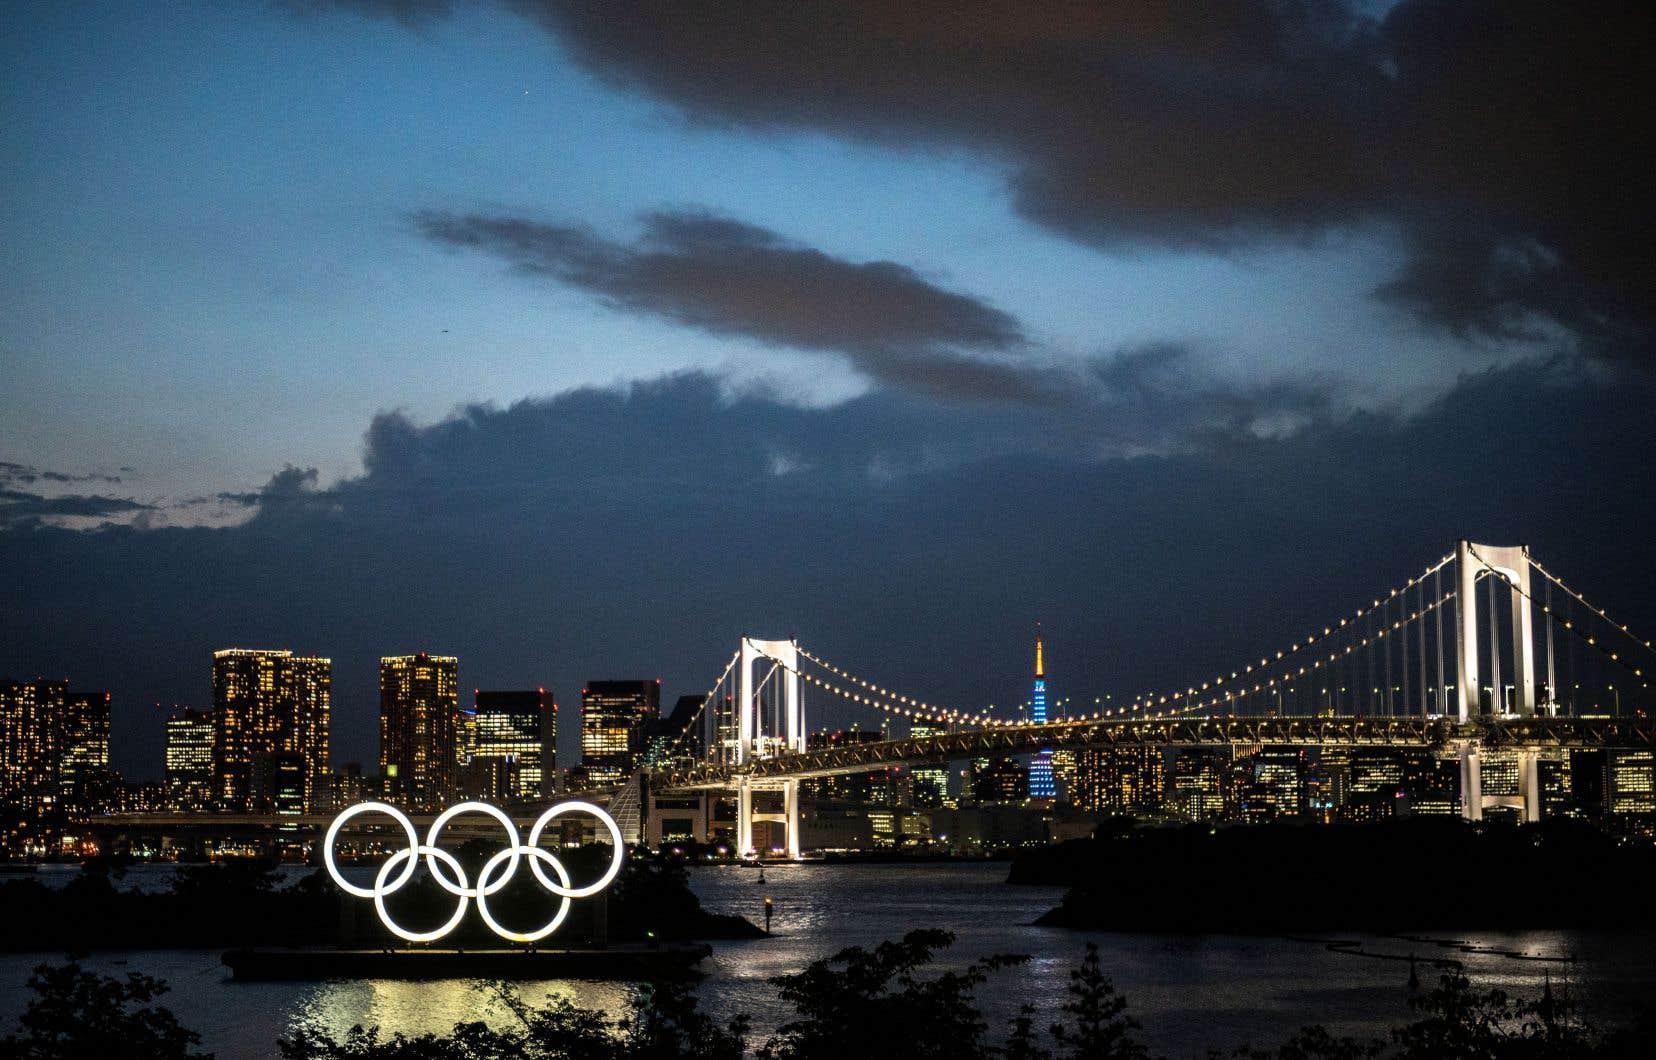 Les organisateurs ont fixé une limite de 50% de la capacité — jusqu'à un maximum de 10 000 spectateurs — pour chaque site olympique.